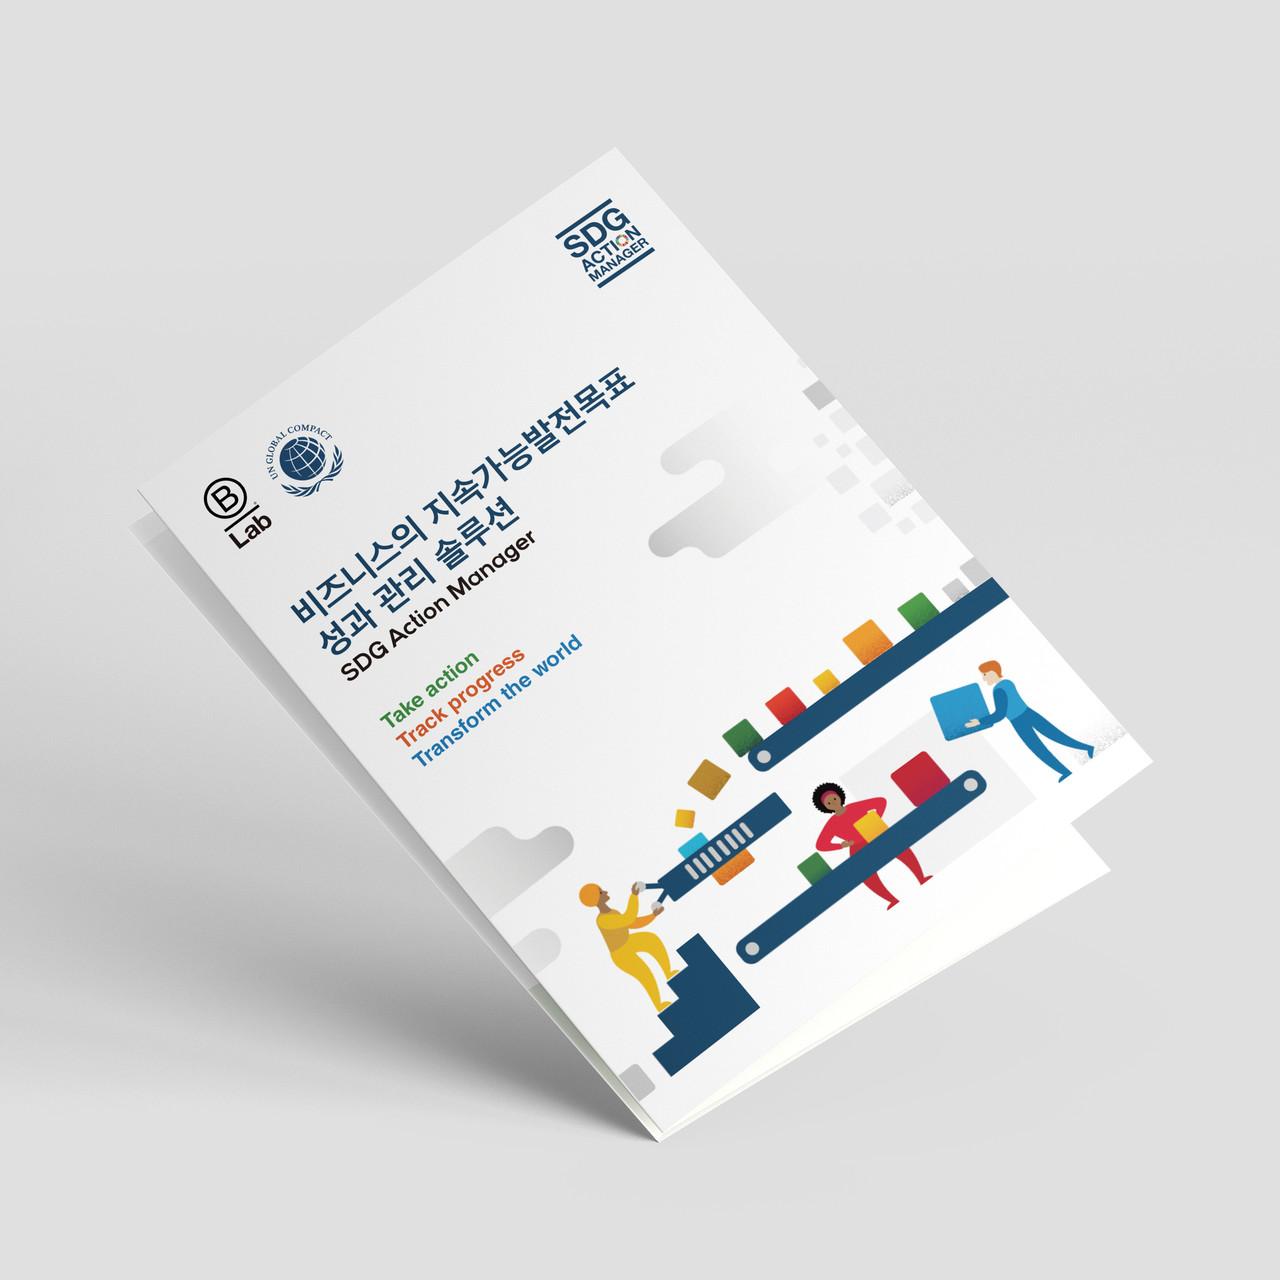 비즈니스의 지속가능발전목표 성과 관리 솔루션 브로슈어 디자인 시안 - 비랩코리아